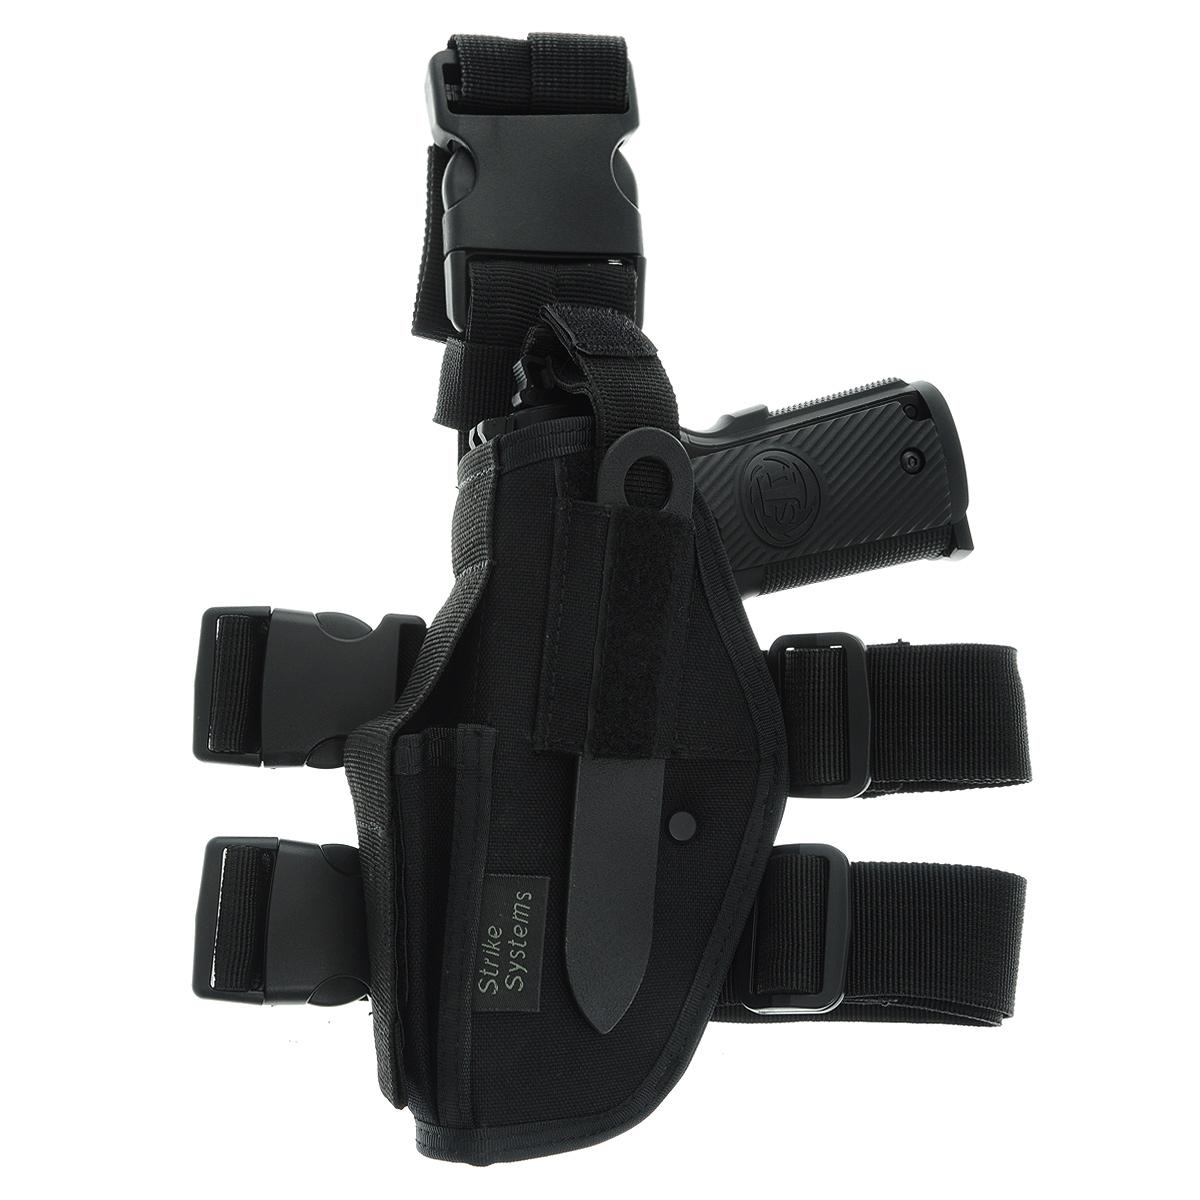 Кобура ASG набедренная для левши для M92, G17/18, STI, CZ, Steyr, Bersa, цвет: Black (17320)17320Кобура набедренная для пневматических и страйкбольных пистолетов серий M92, G17/18, STI, CZ, Steyr, Bersa (полноразмерные и среднеразмерные - Full Frame и Mid Frame) с подсумком для запасного магазина. Для левшей. Предназначена для ношения в тире и на полигоне. Показанные на фото оружие и аксессуары в комплект не входят. Не рассчитана на использование с боевым оружием. Регулируется по высоте. Застежка-фастекс для быстрого снятия. Два эластичных ремня с застежками для бедра. В комплекте приспособление для удобной регулировки. Двойные швы. Из износостойкого и влагостойкого нейлона. Возврат товара возможен только при наличии заключения сервисного центра. Время работы сервисного центра: Пн-чт: 10.00-18.00 Пт: 10.00- 17.00 Сб, Вс: выходные дни Адрес: ООО ГАТО, 121471, г.Москва, ул. Петра Алексеева, д 12., тел. (495)232-4670, gato@gato.ru Характеристики: Материал: нейлон,...